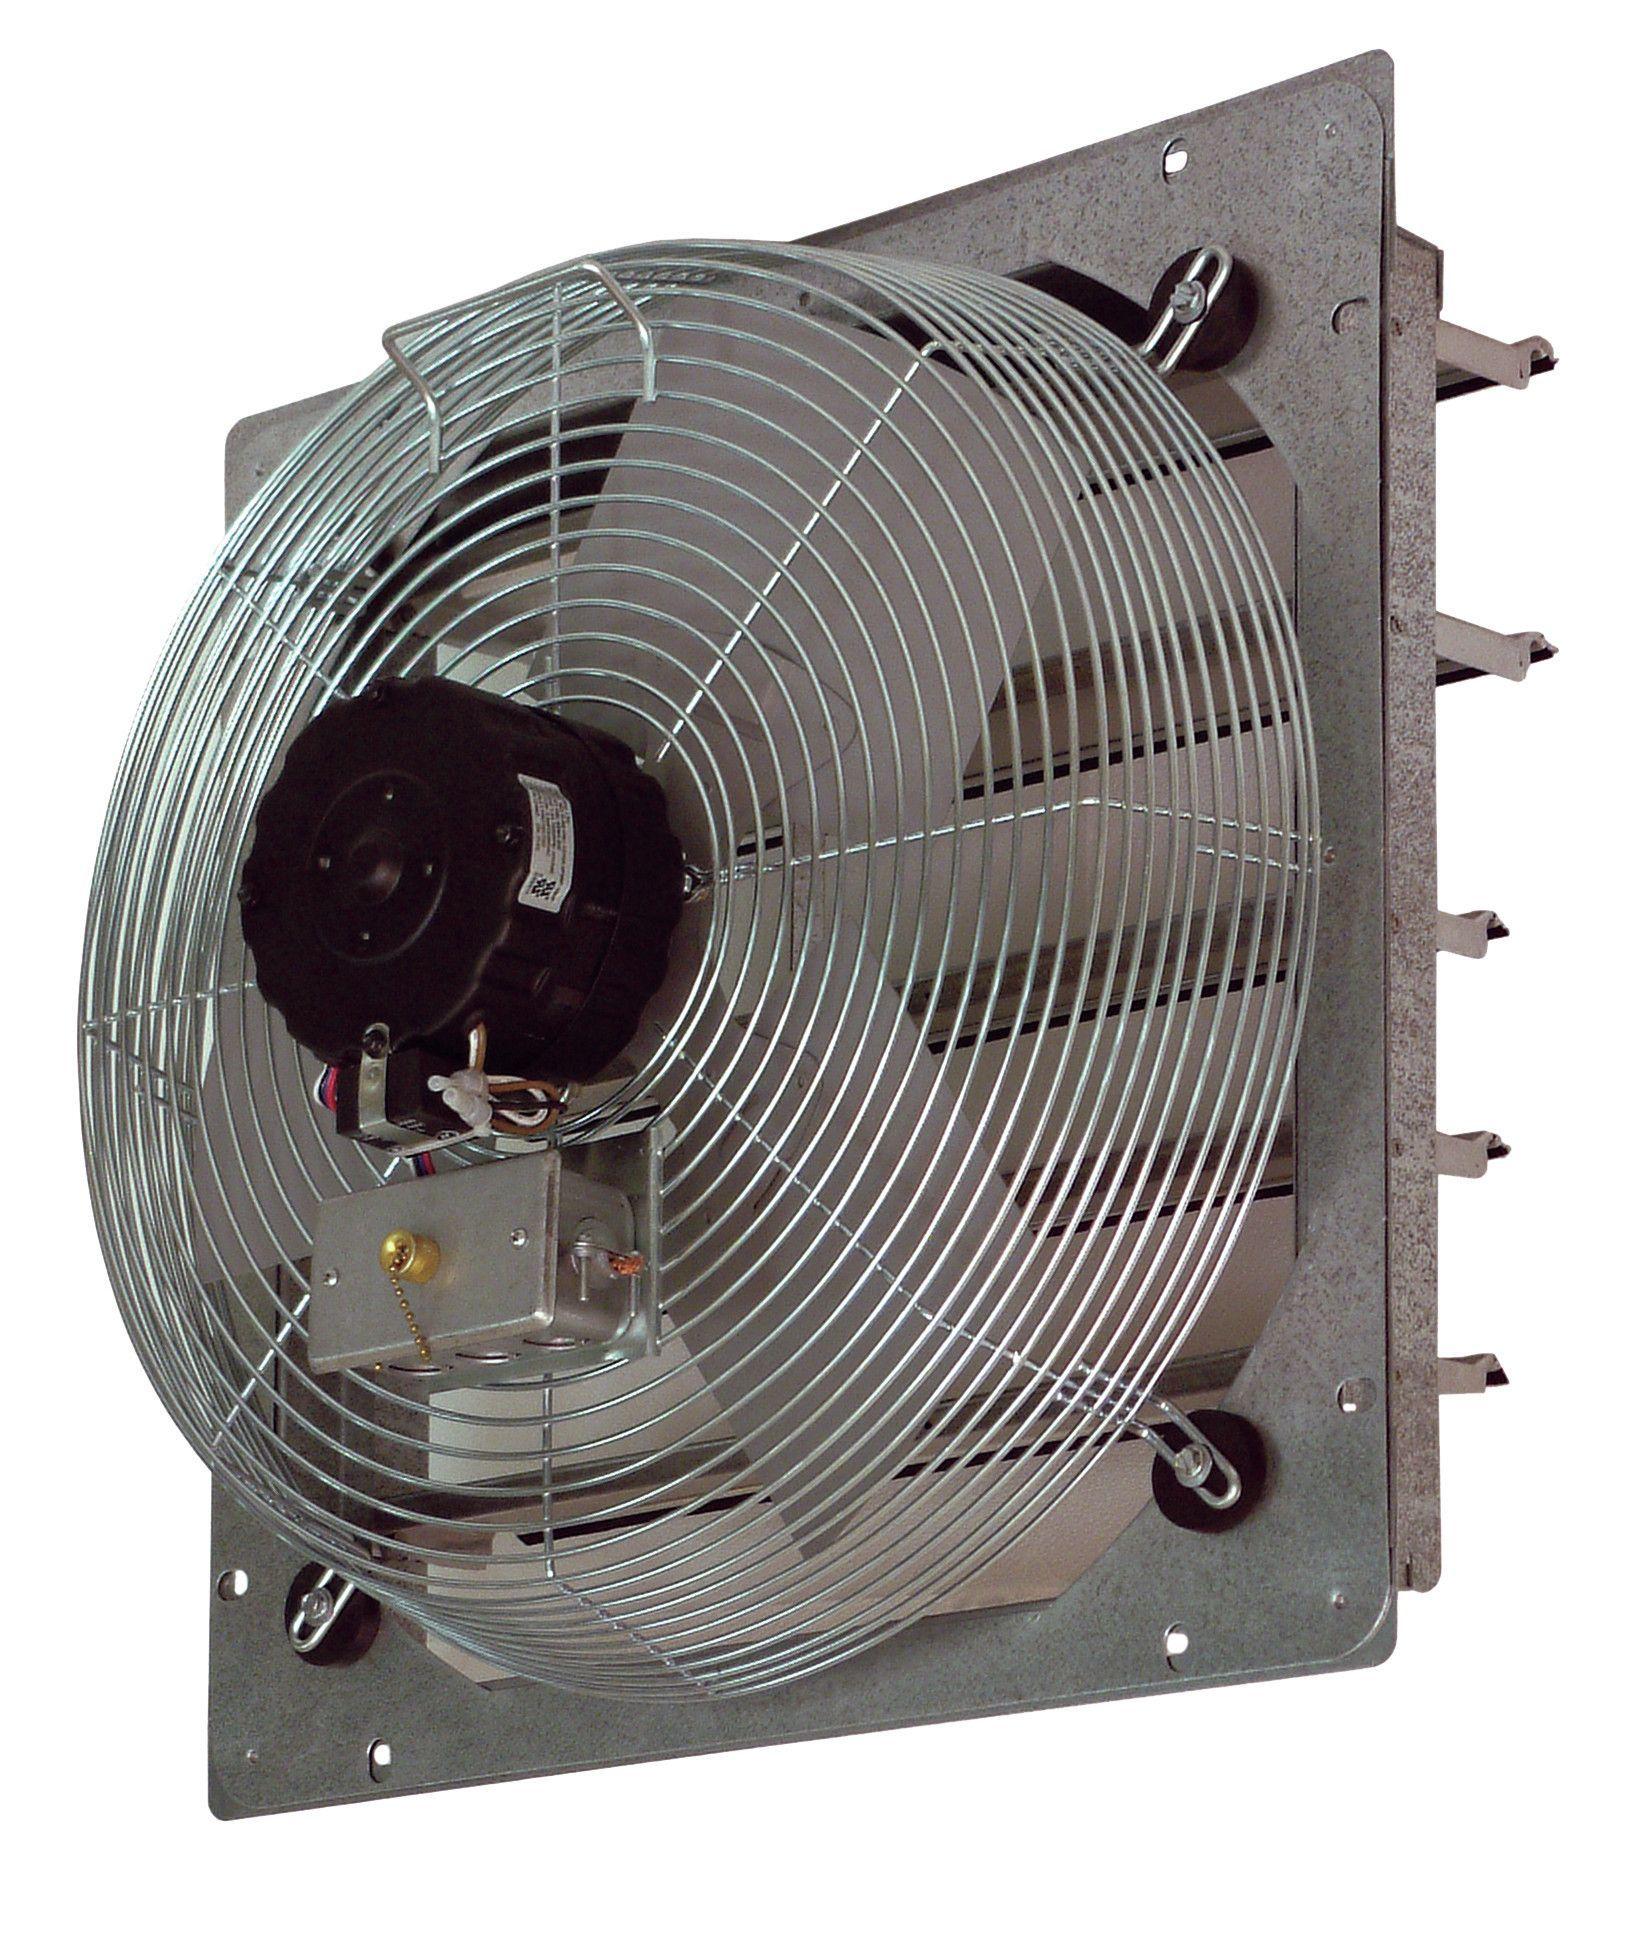 Exhaust Fan Wall Exhaust Fan Exhaust Fan Wall Mounted Exhaust Fan